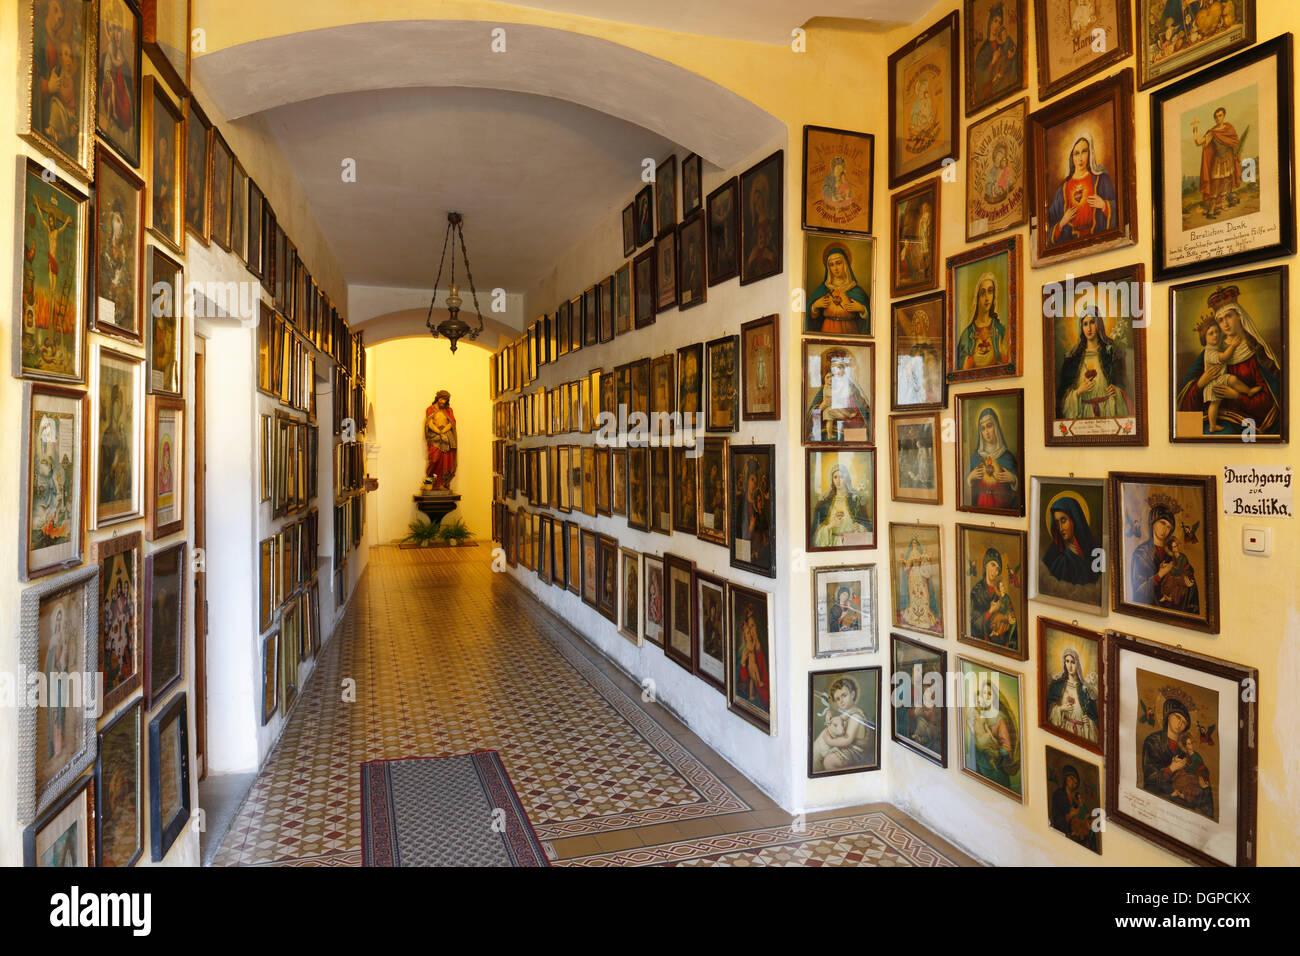 Marian Bilder, Votivbilder, Wallfahrt Kirche Maria Puchheim in Puchheim, Attnang-Puchheim, Hausruckviertel Bereich Stockbild